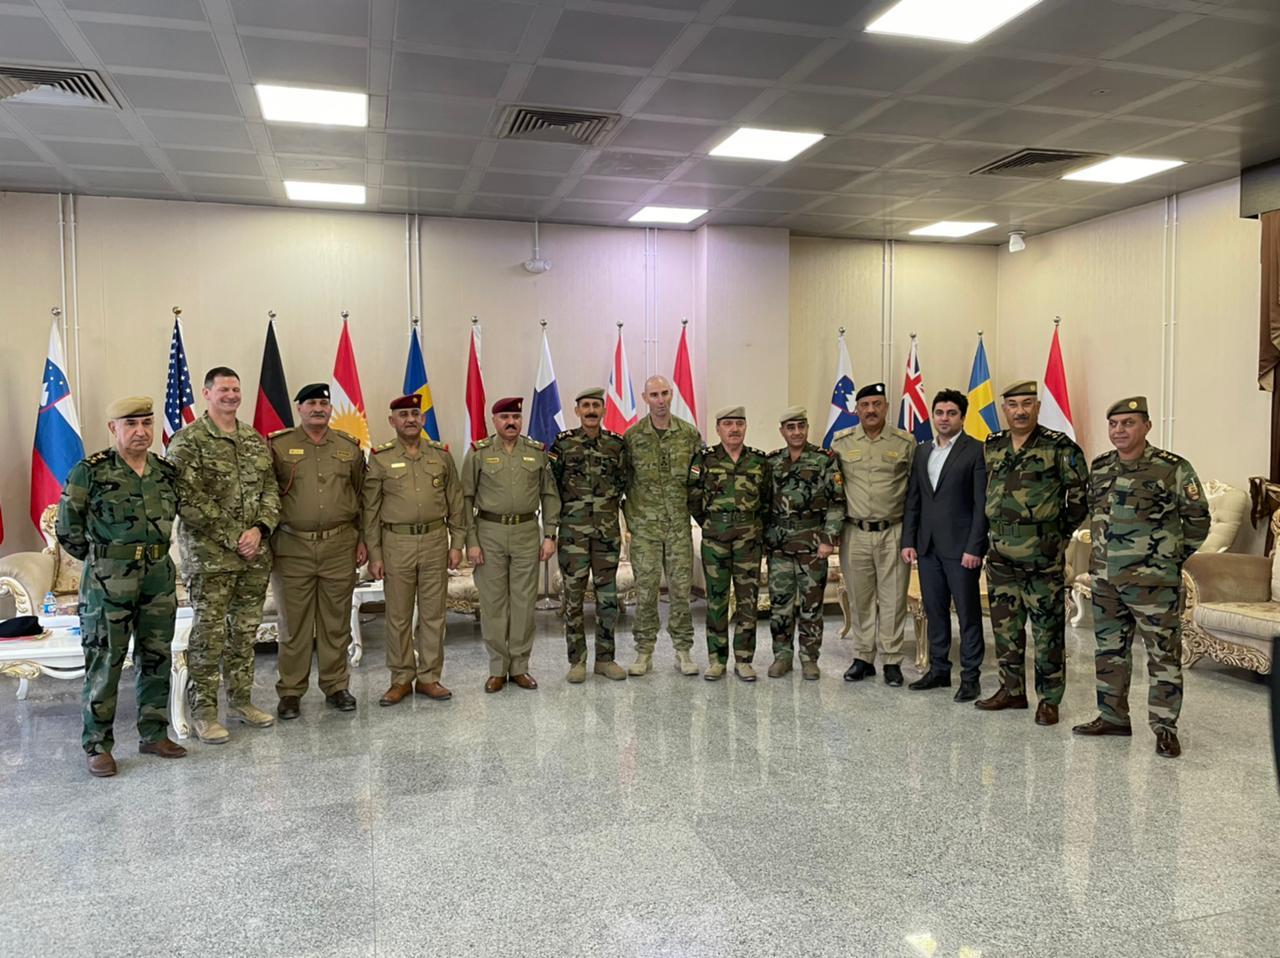 برعاية امريكية اجتماع بين الجيش والبيشمركة في اربيل ويلتقطون سيلفي